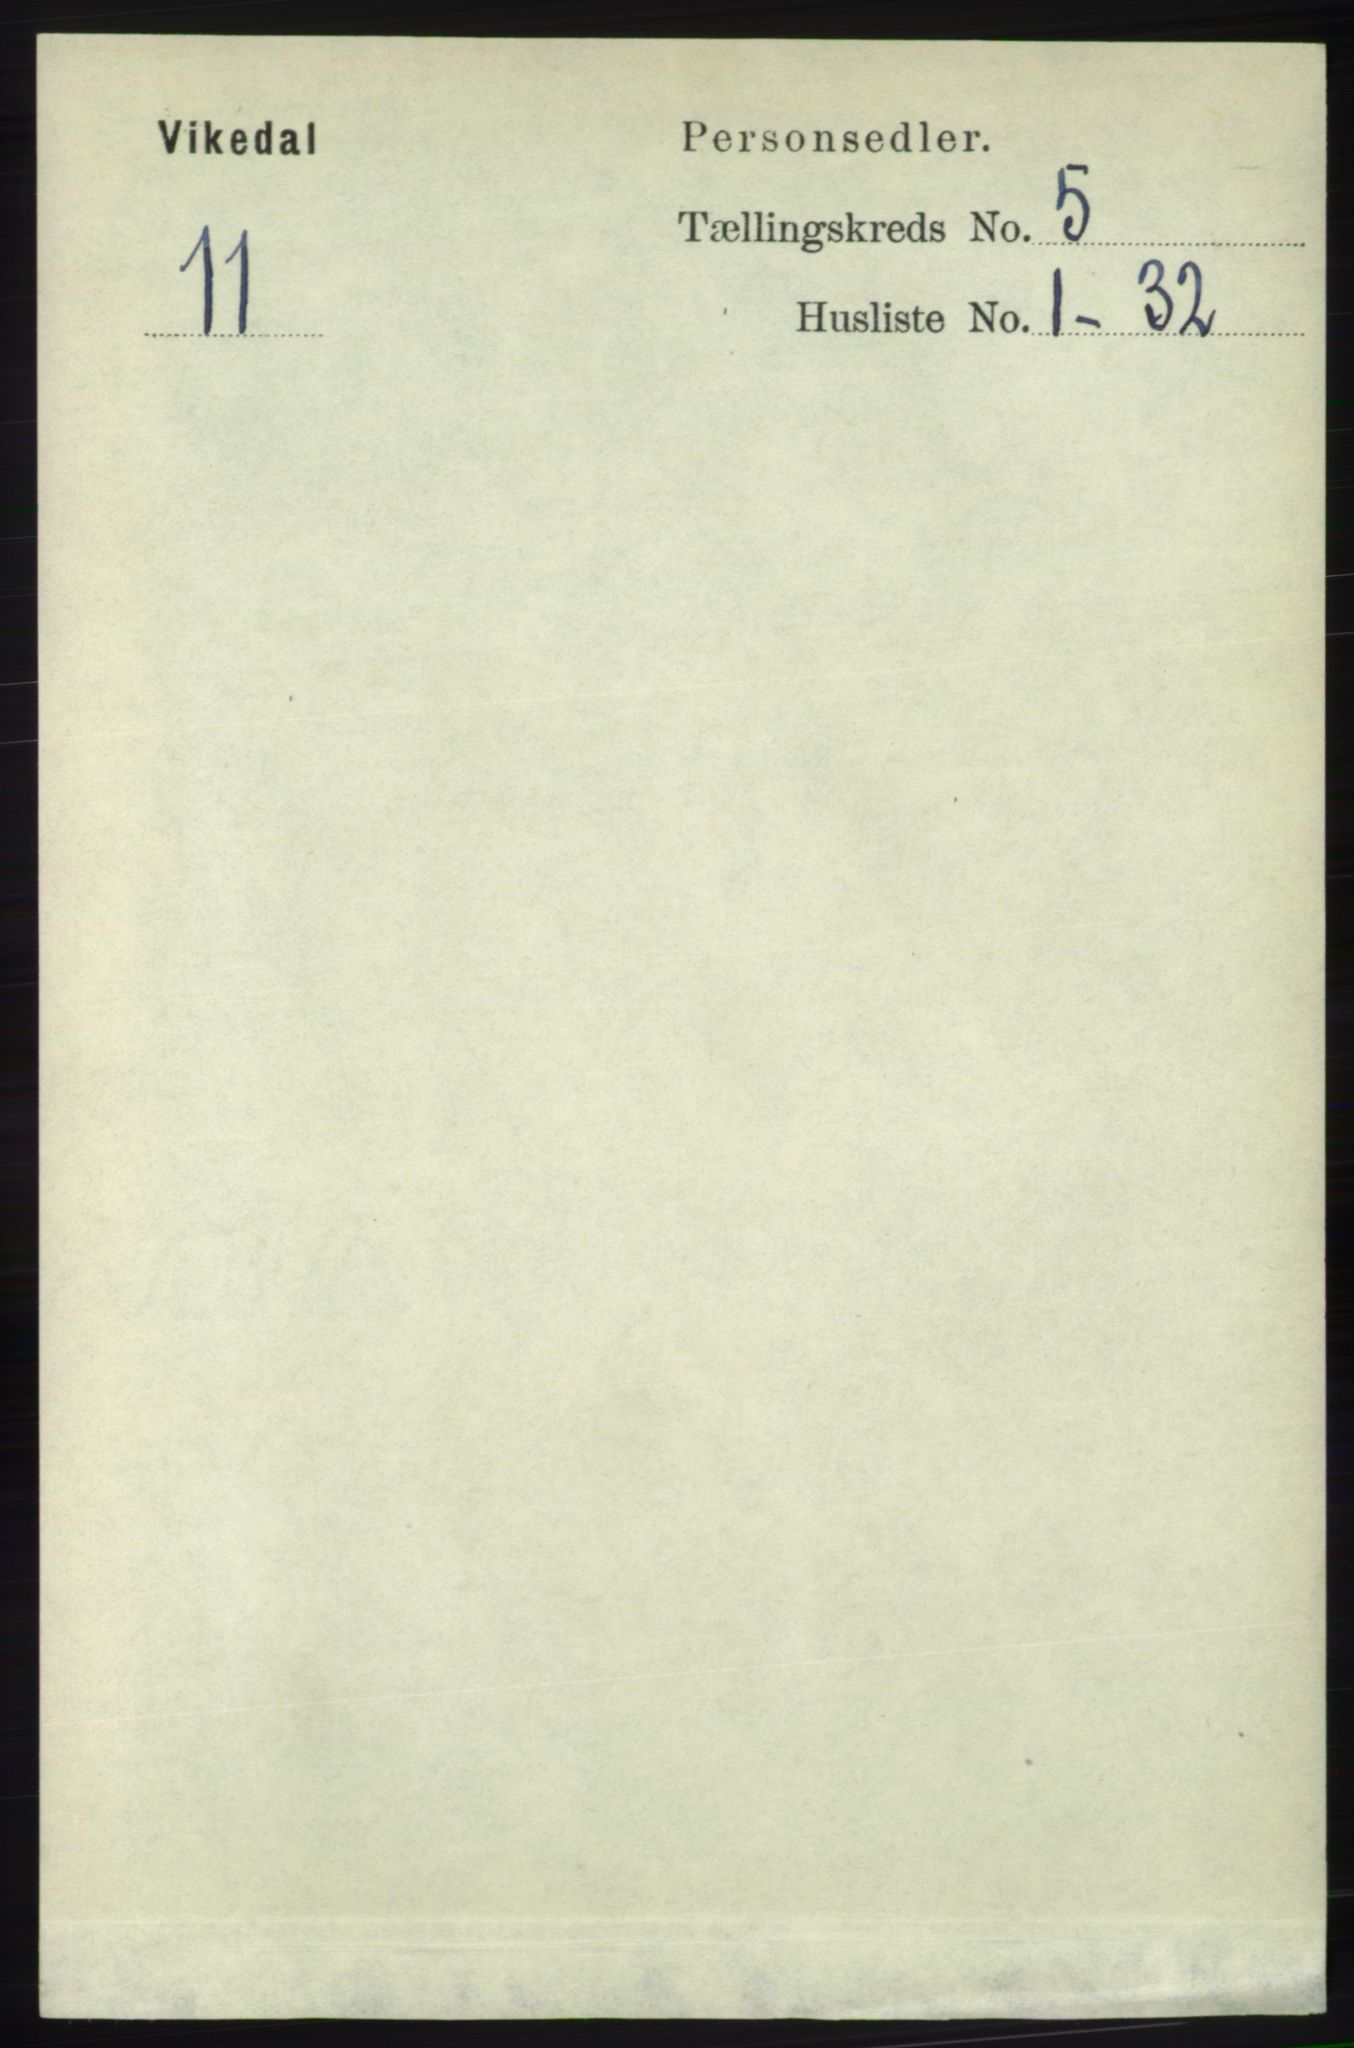 RA, Folketelling 1891 for 1157 Vikedal herred, 1891, s. 1155